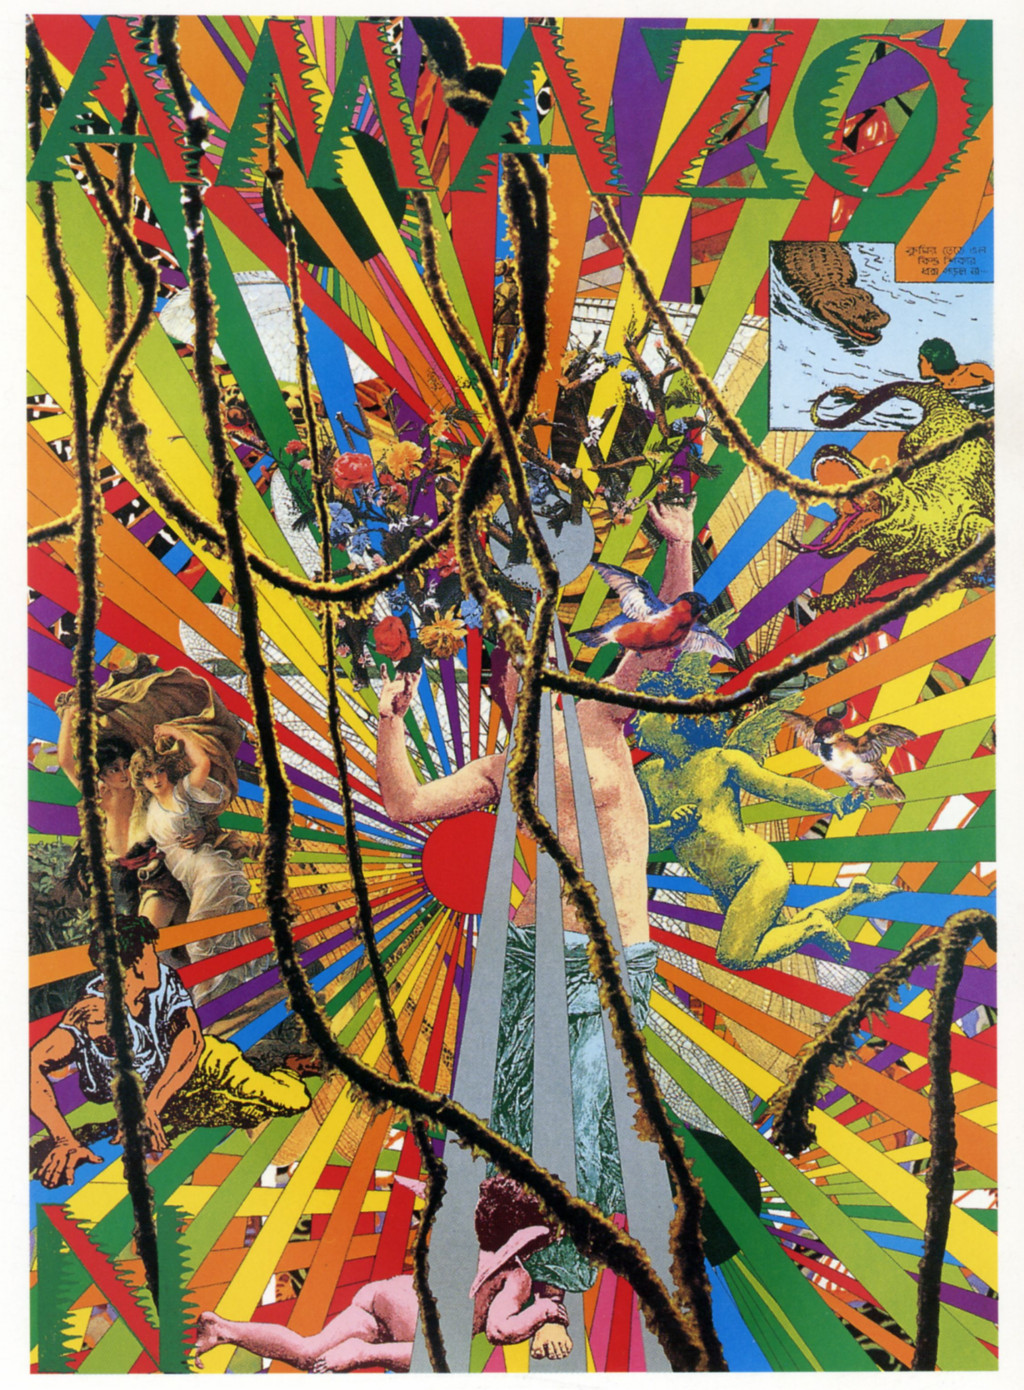 Tadanori Yokoo, 'Amazo', 1989. Collection Stedelijk Museum Amsterdam